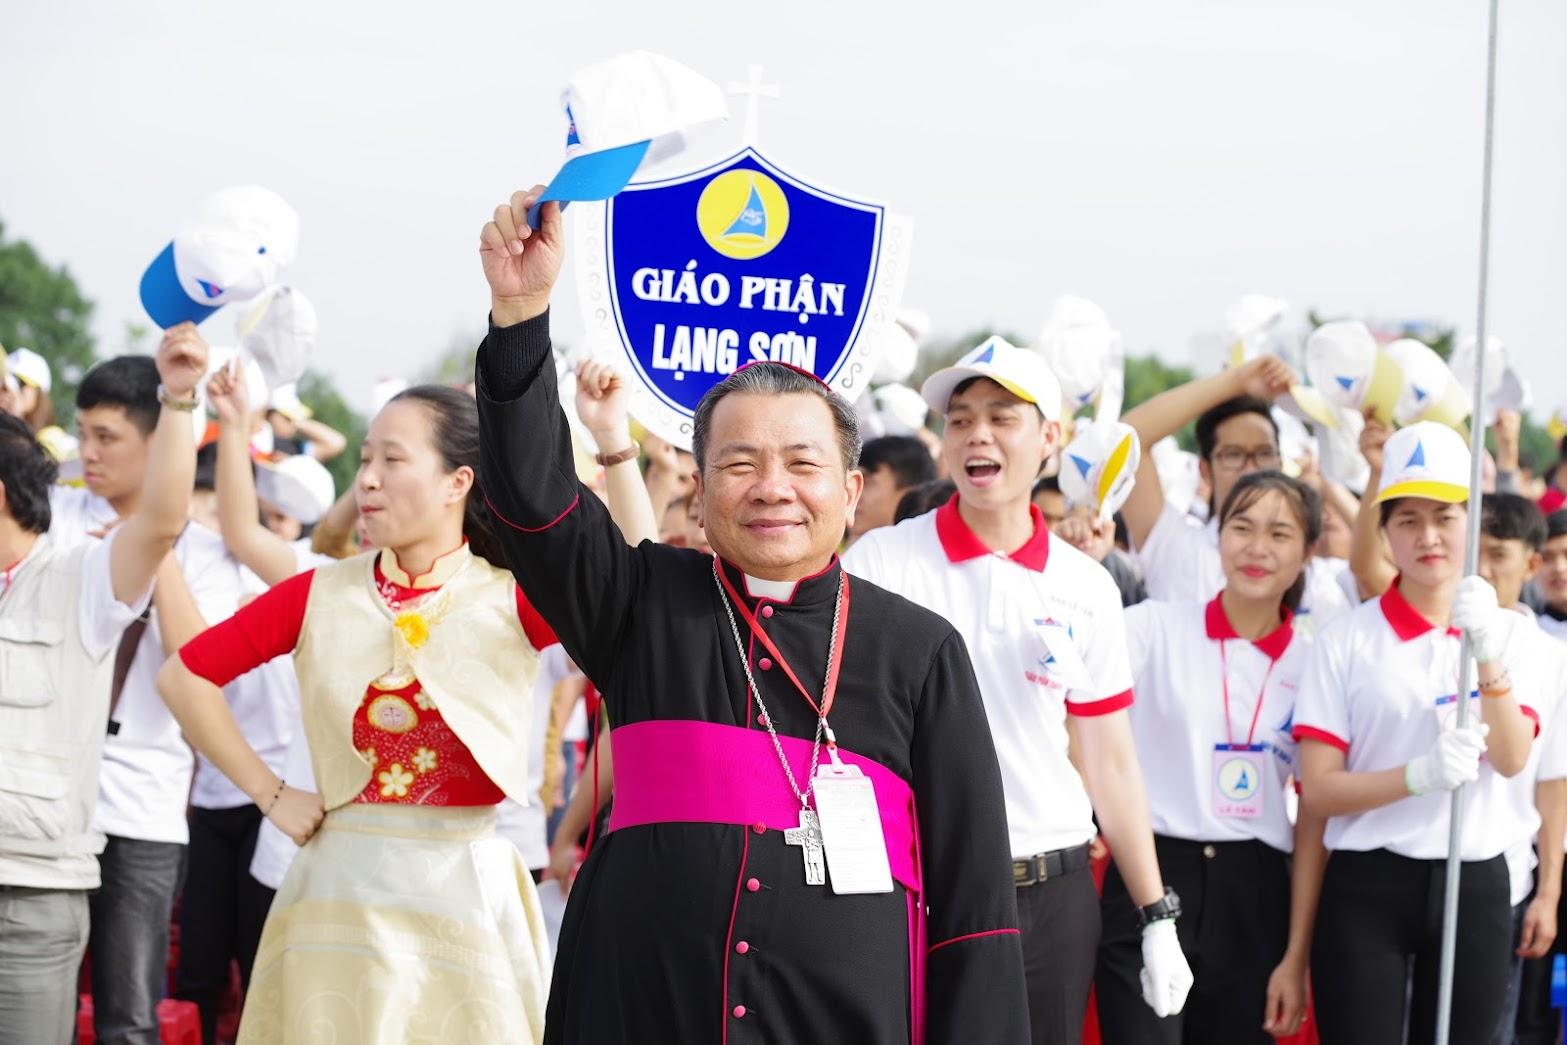 Những hình ảnh đẹp về lễ khai mạc Đại Hội Giới Trẻ giáo tỉnh Hà Nội lần thứ XV tại Thanh Hóa - Ảnh minh hoạ 22